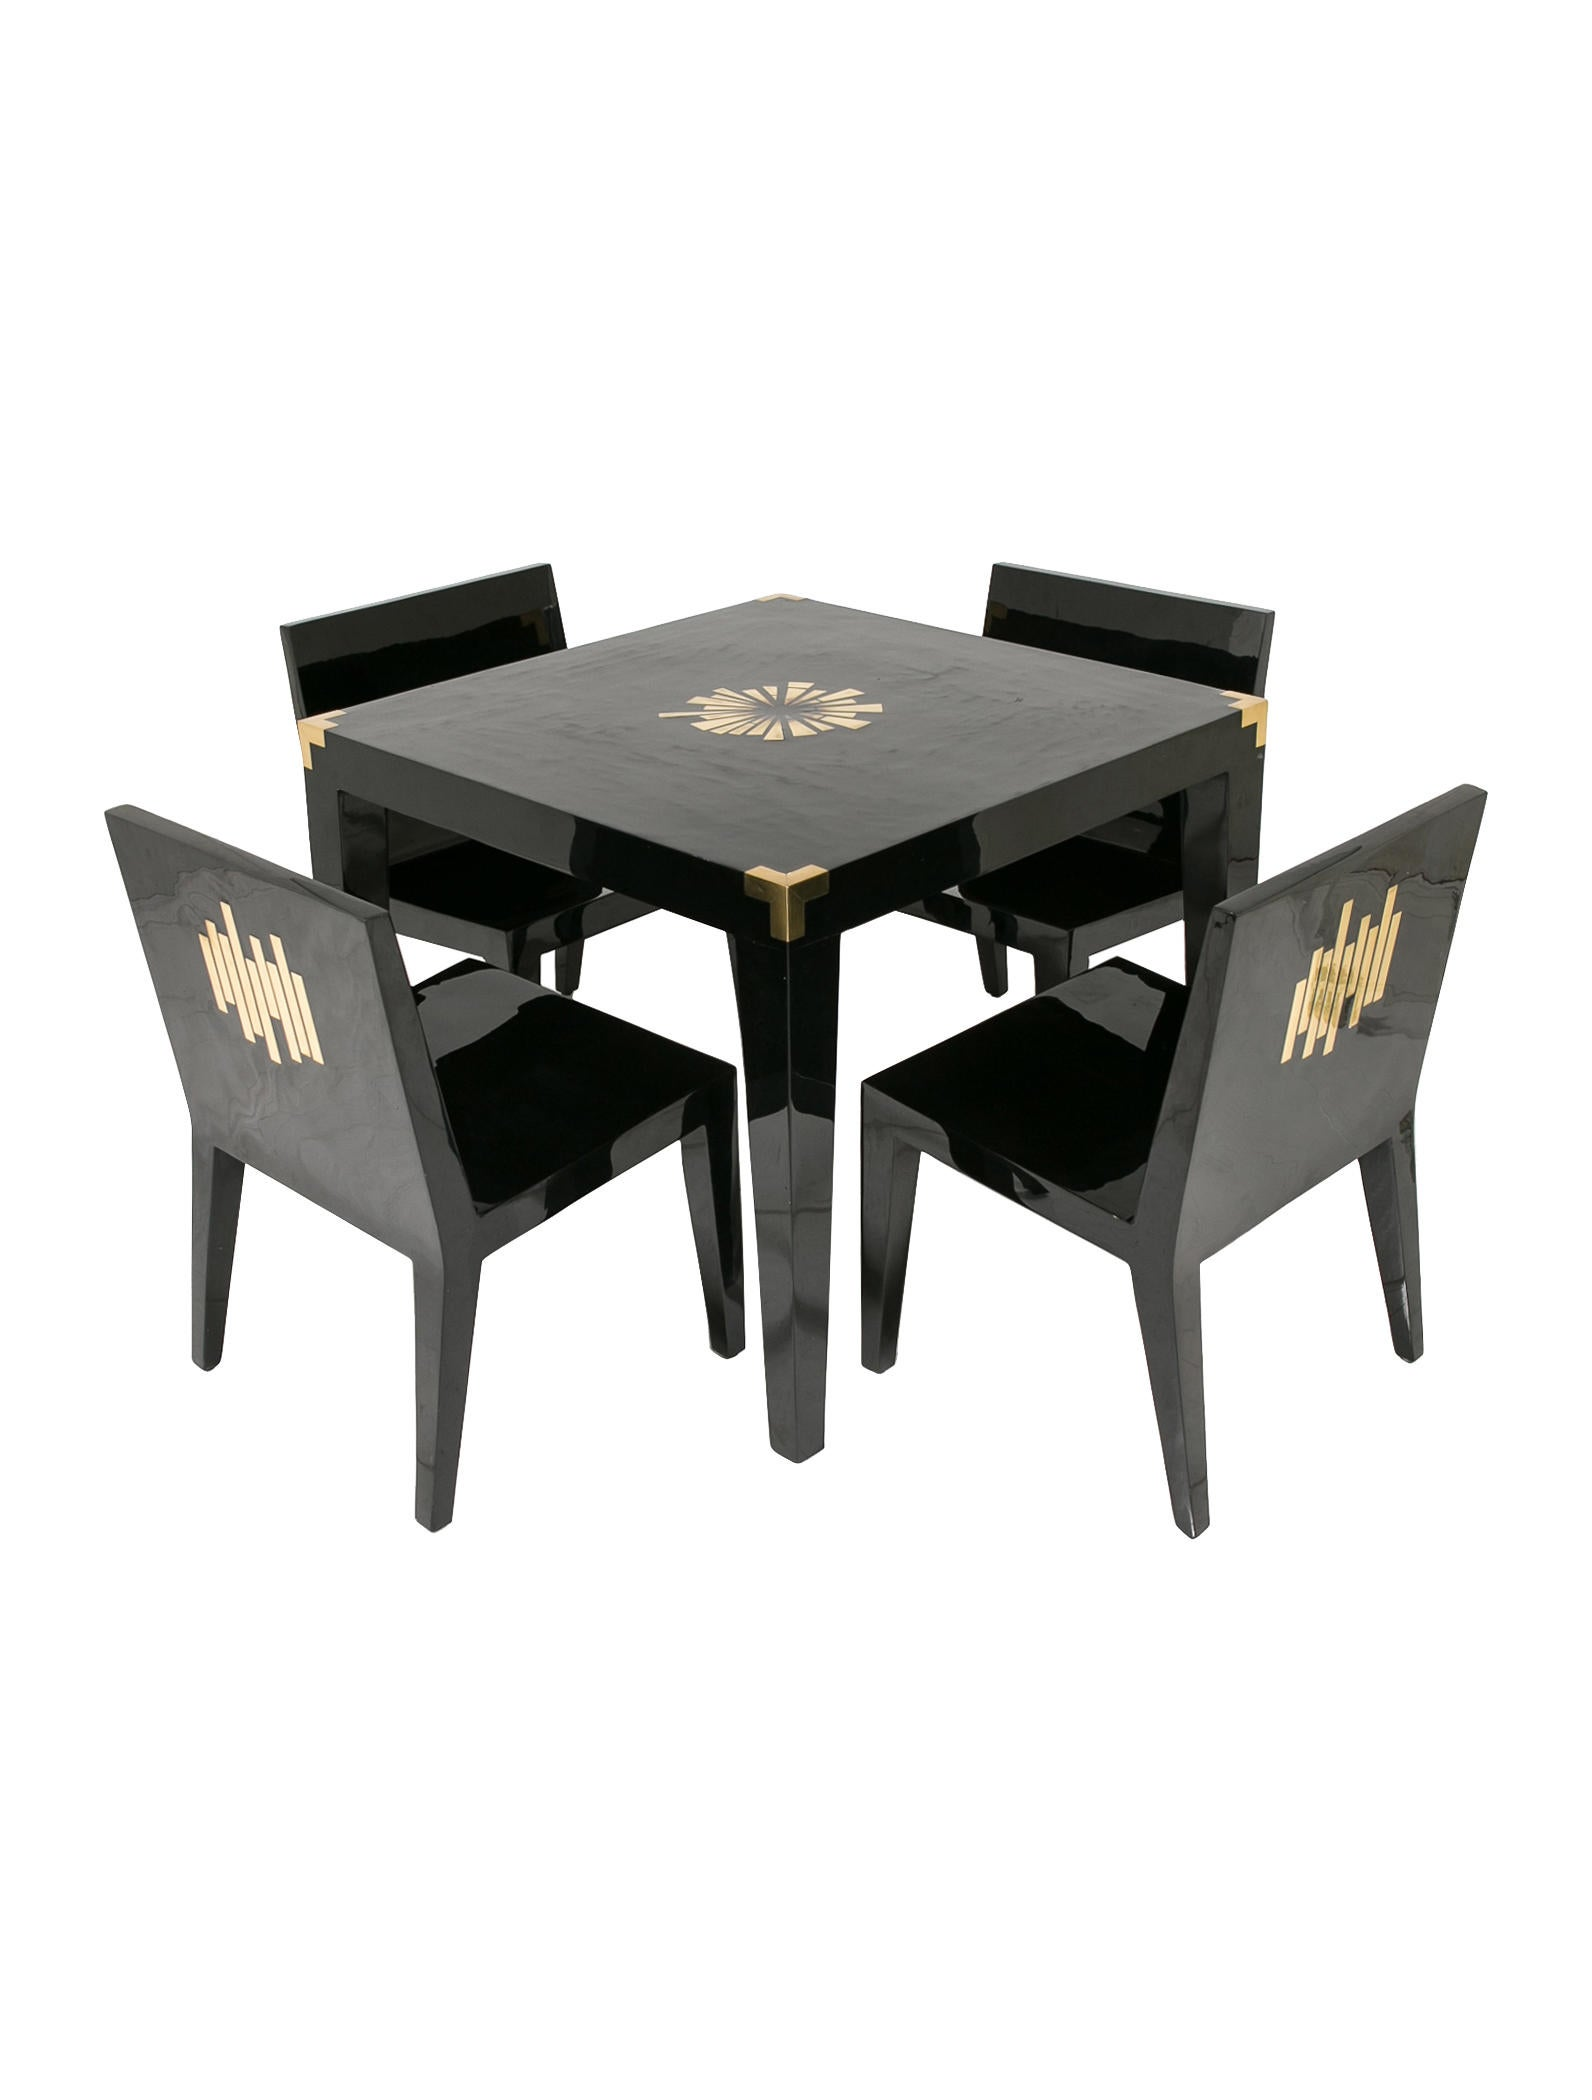 Jonathan Adler Monaco Game Table And Chairs Set